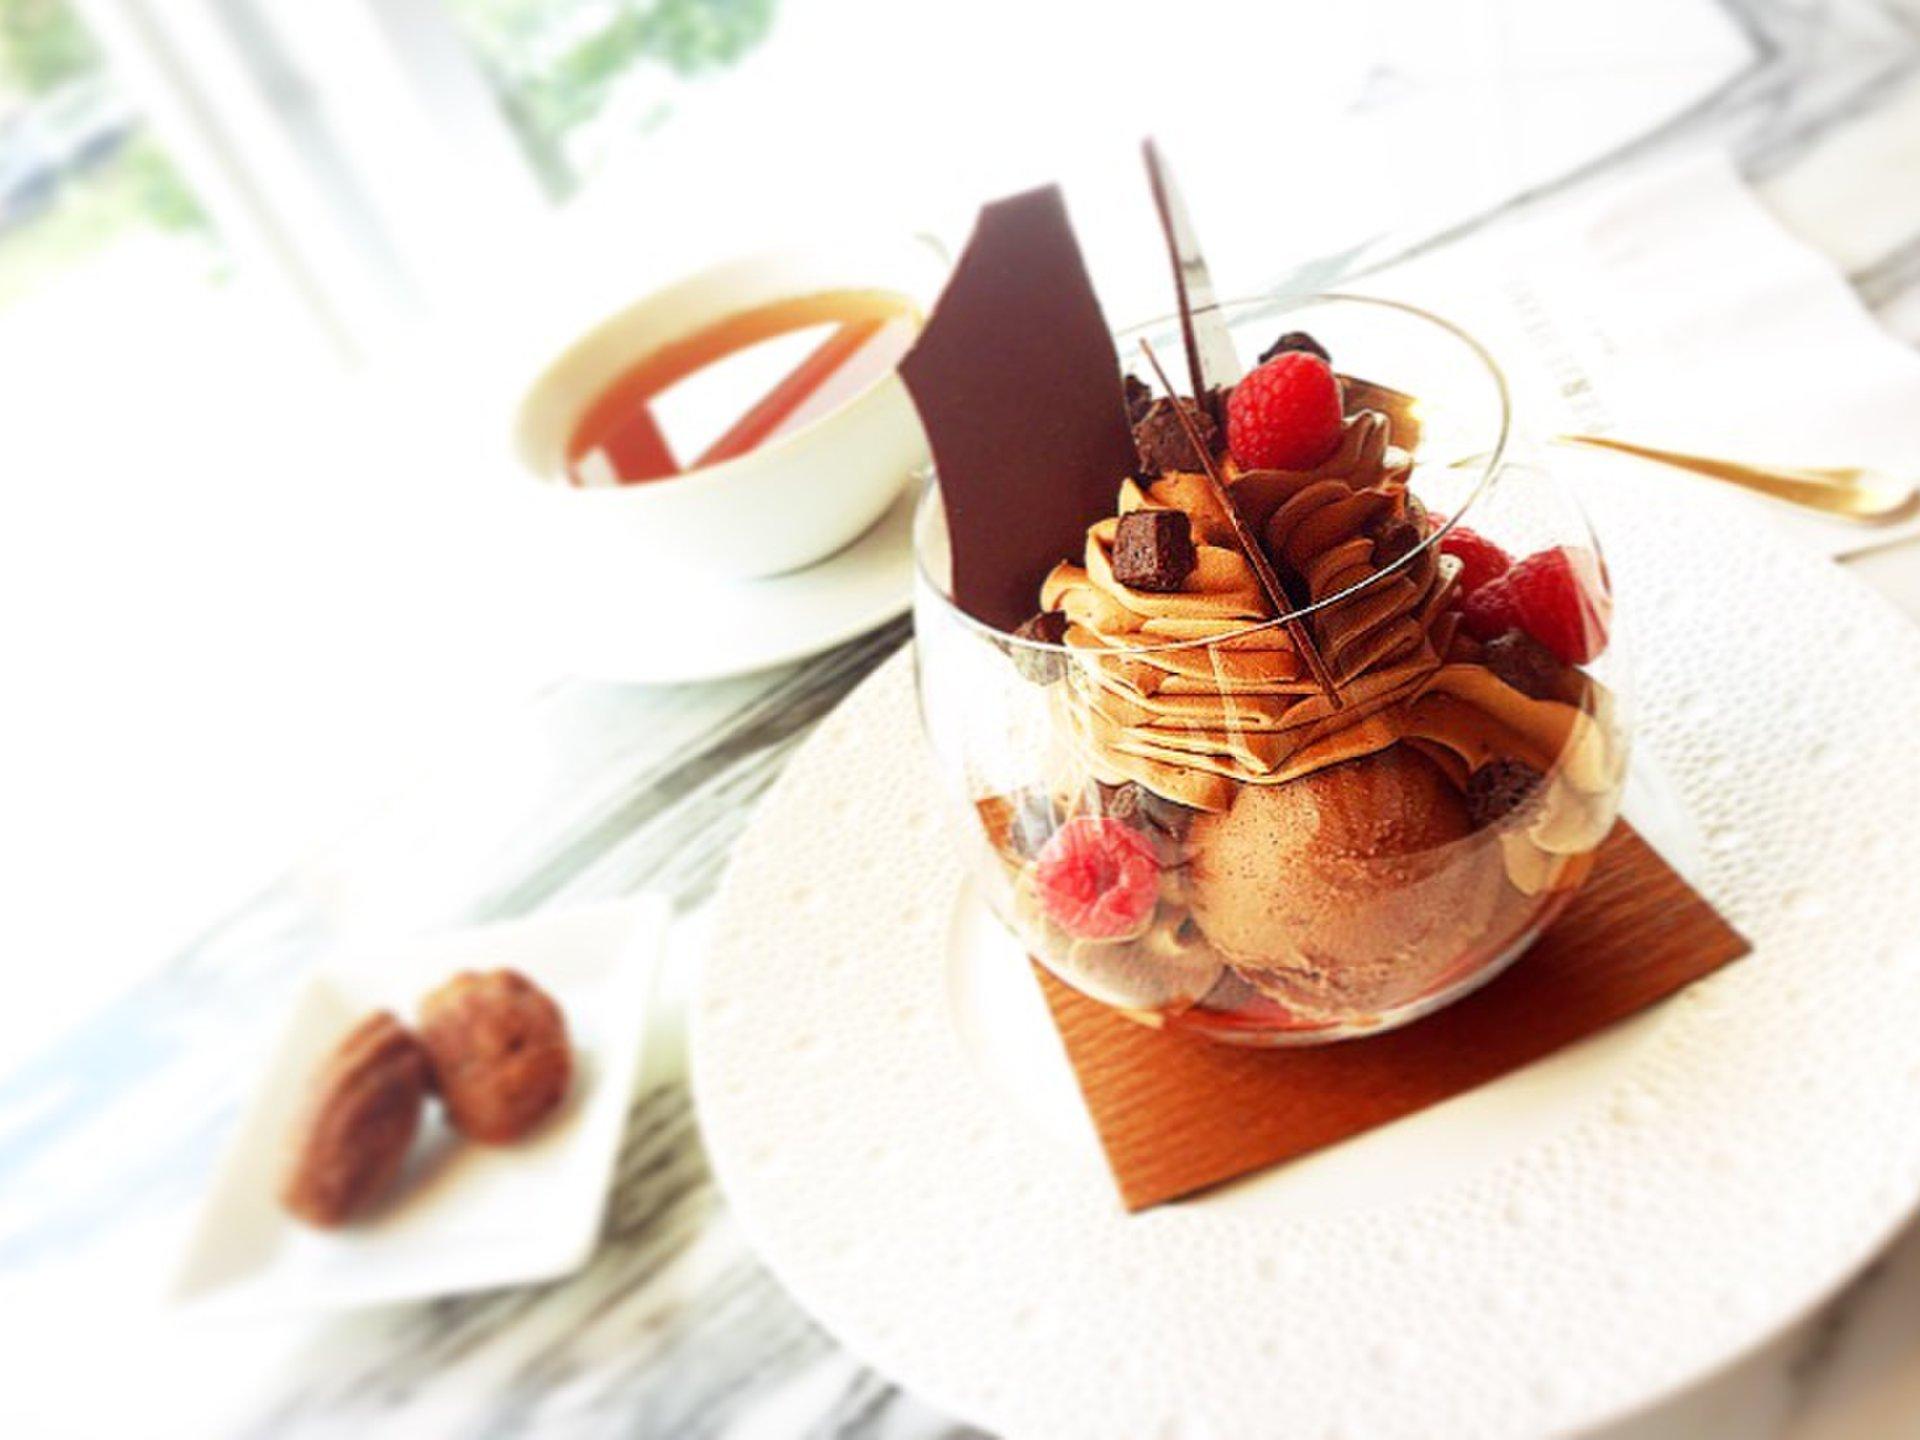 【とろける口どけ♡】甘党必見!都内のチョコレート専門店7選!